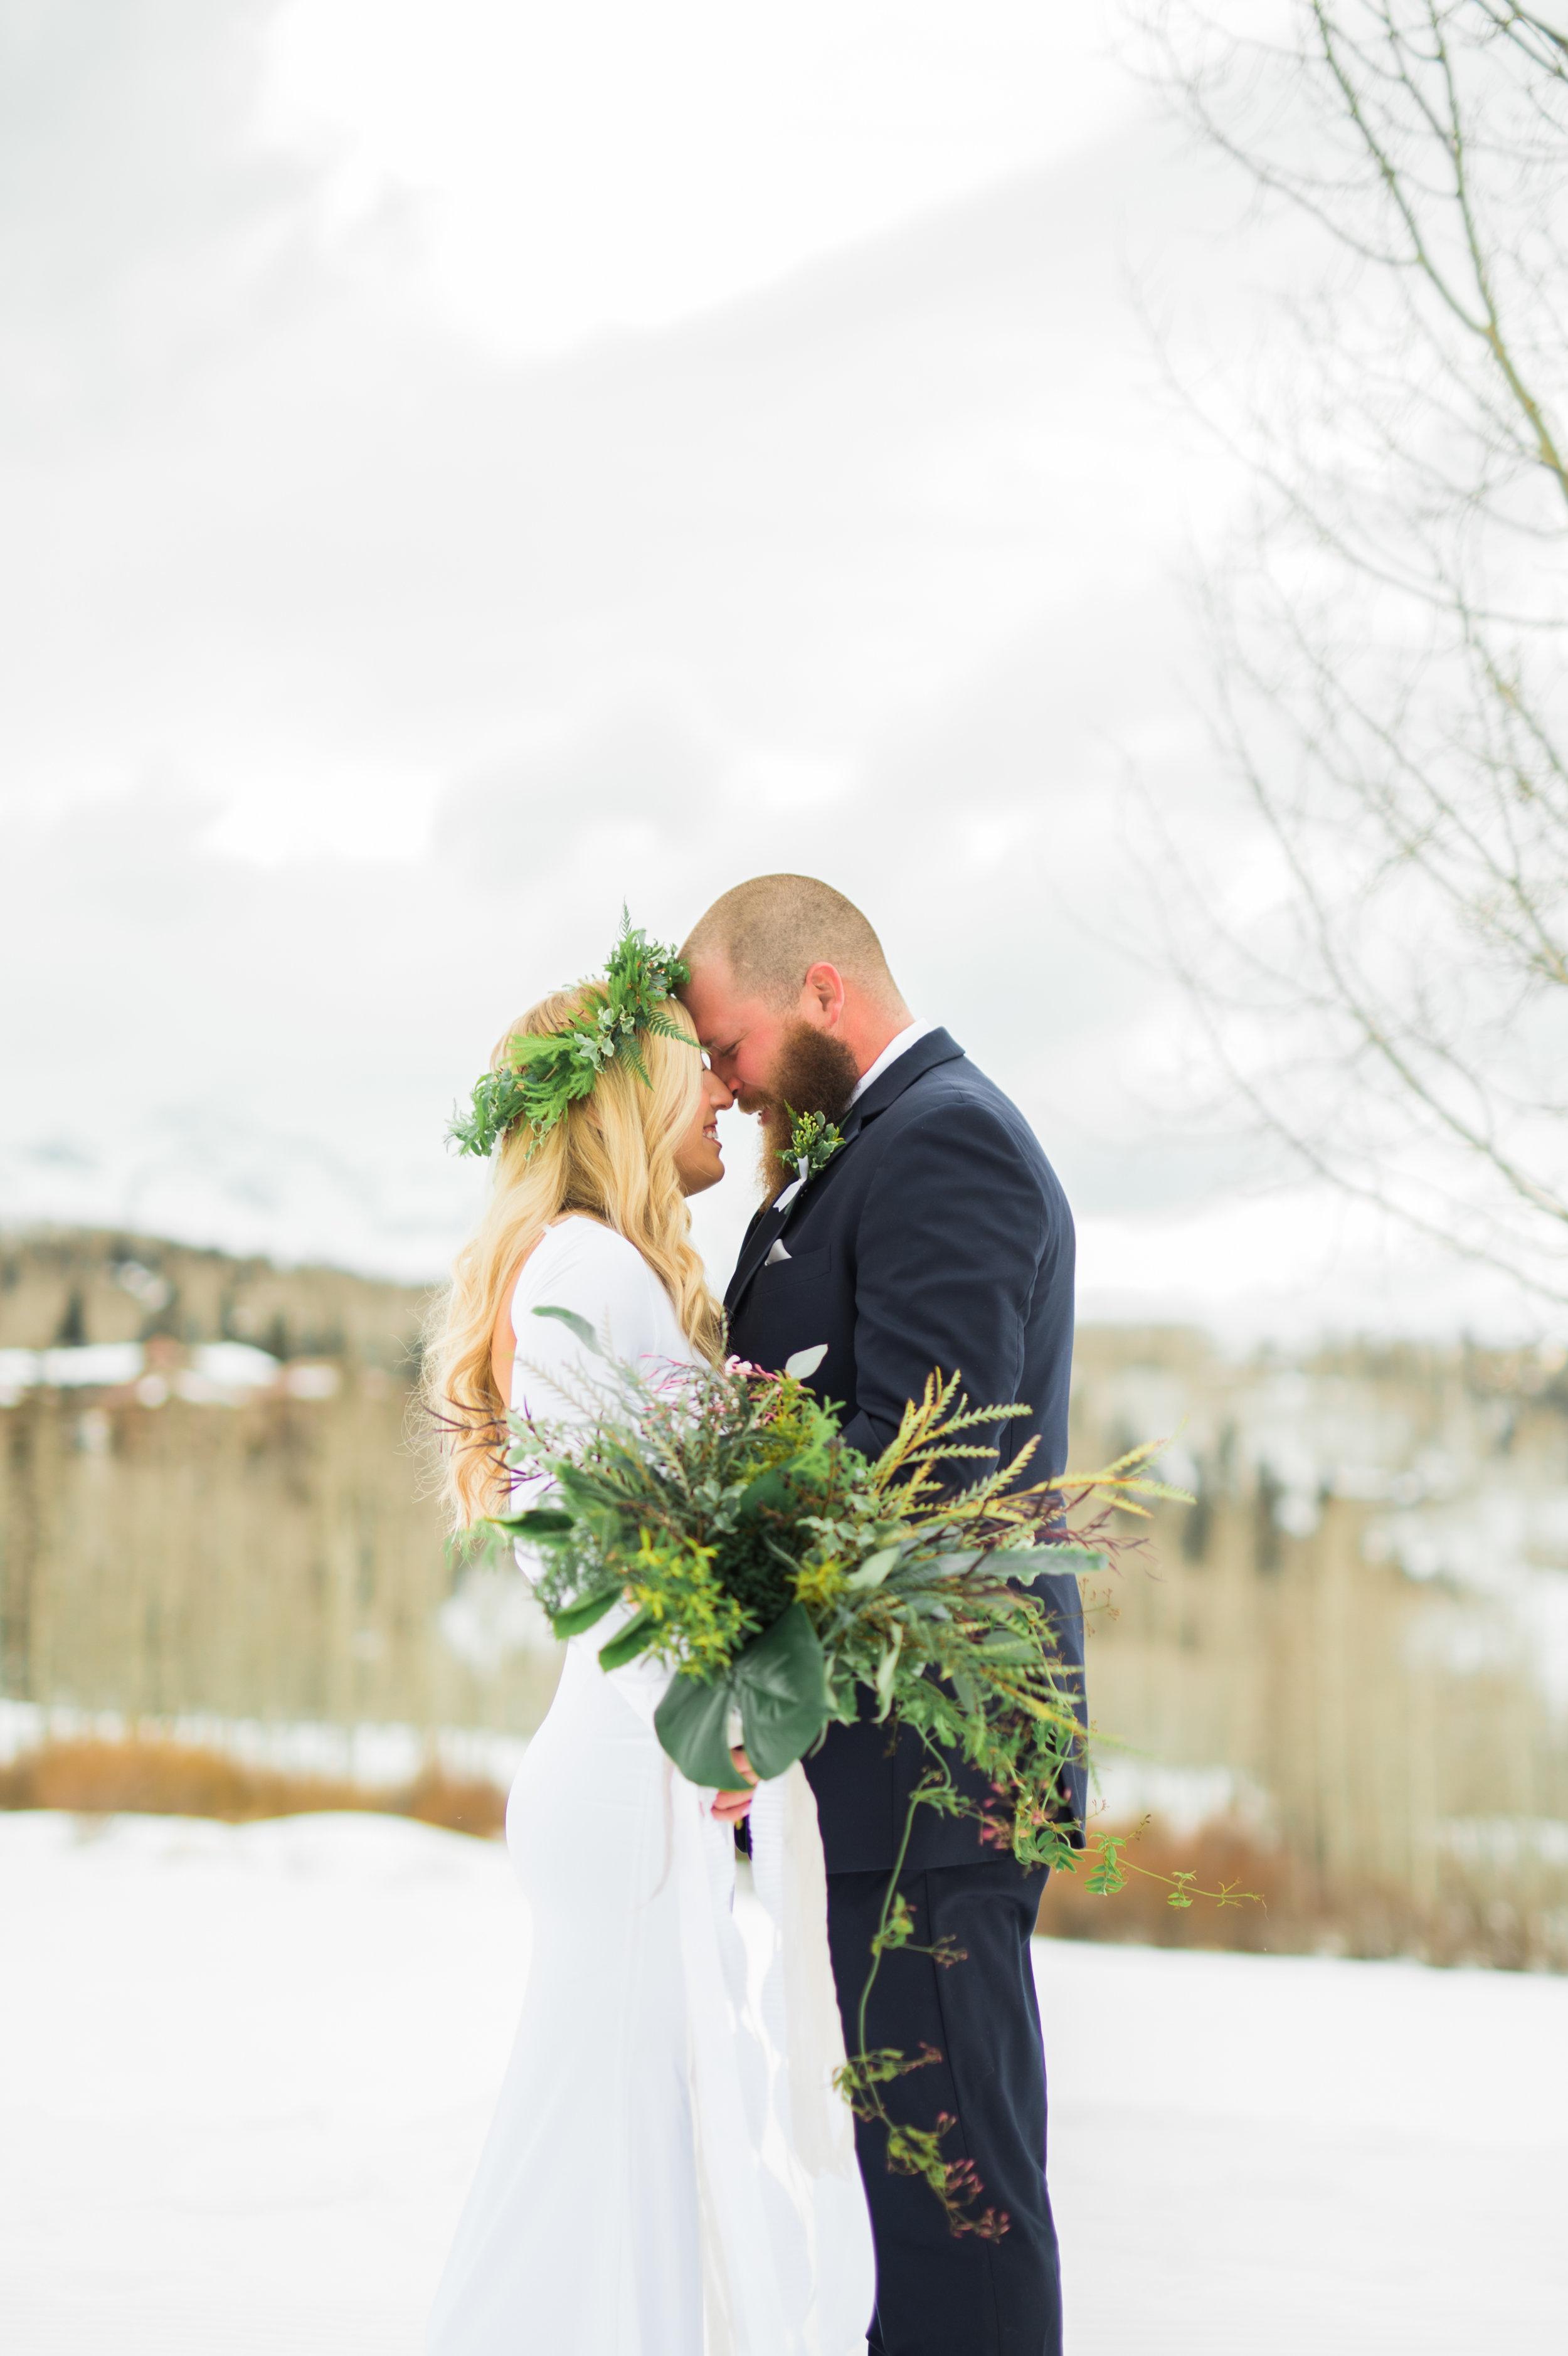 Parie designs green wedding, green bouquet featuring Grevillea, Jasmine, seeded Eucalyptus, Elkhorn Moss, Assorted Chilean Ferns